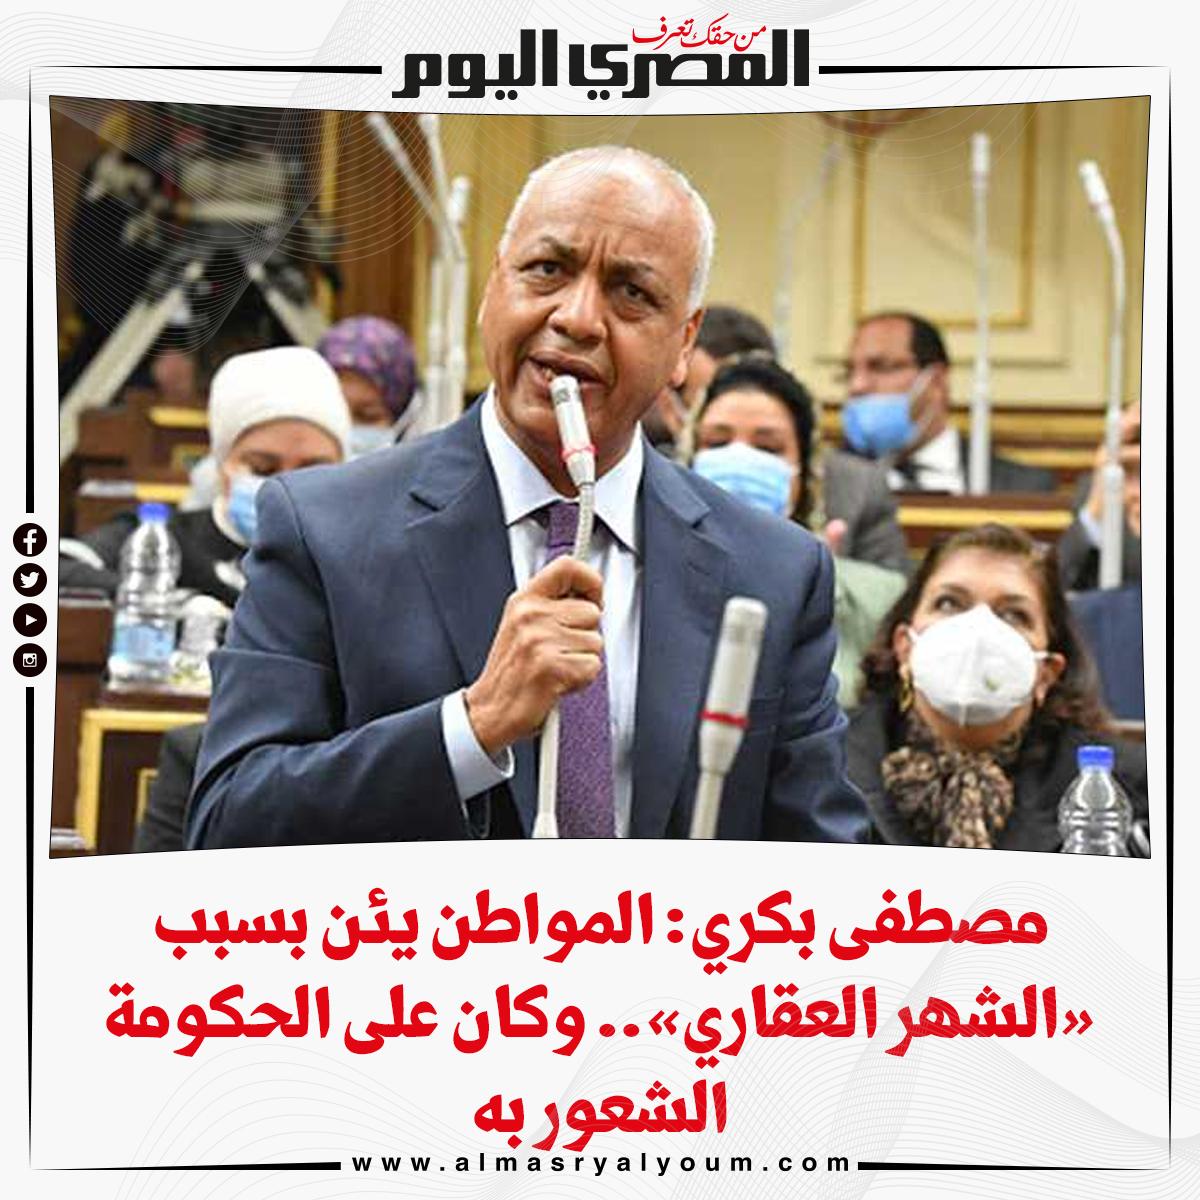 مصطفى بكري المواطن يئن بسبب « الشهر العقاري».. وكان على الحكومة الشعور به